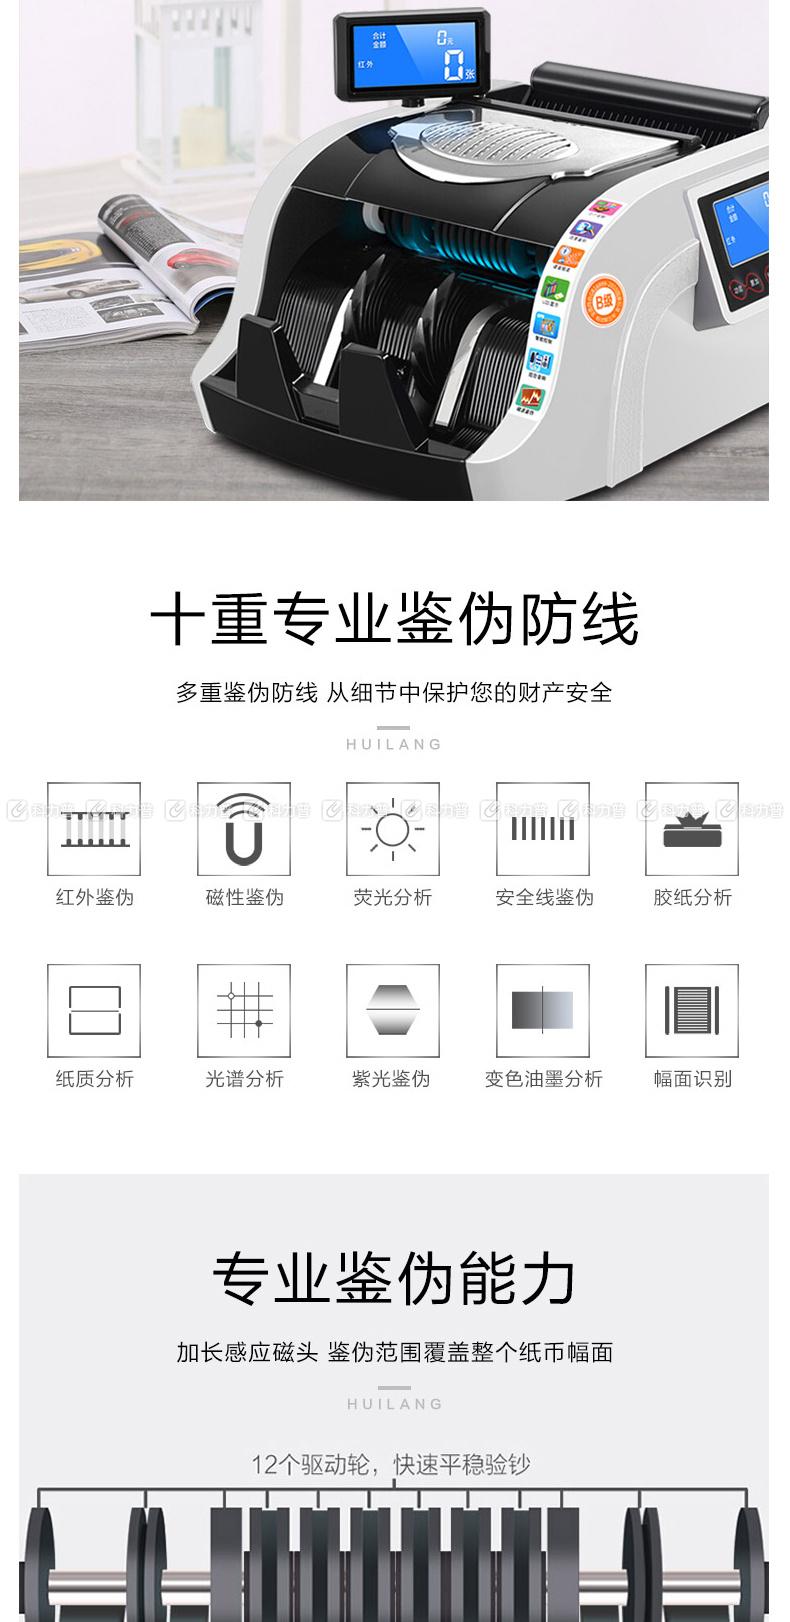 惠朗 HUILANG 点钞机 JBYD-766(B)